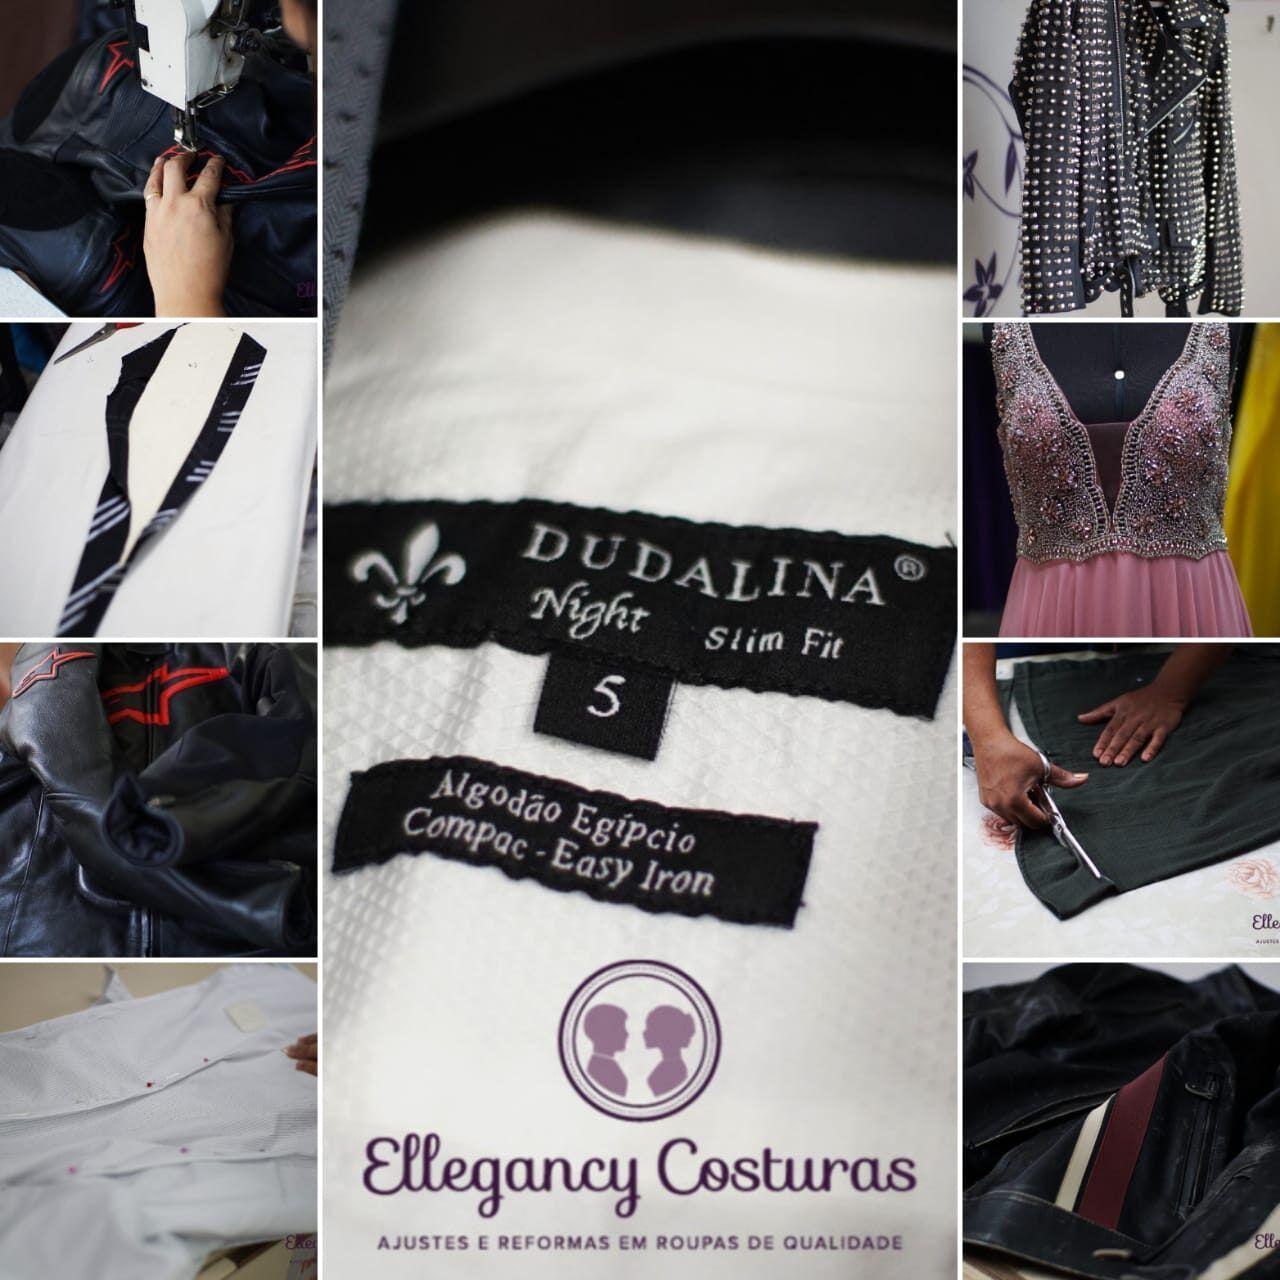 Costureira competente nos ajustes de roupa